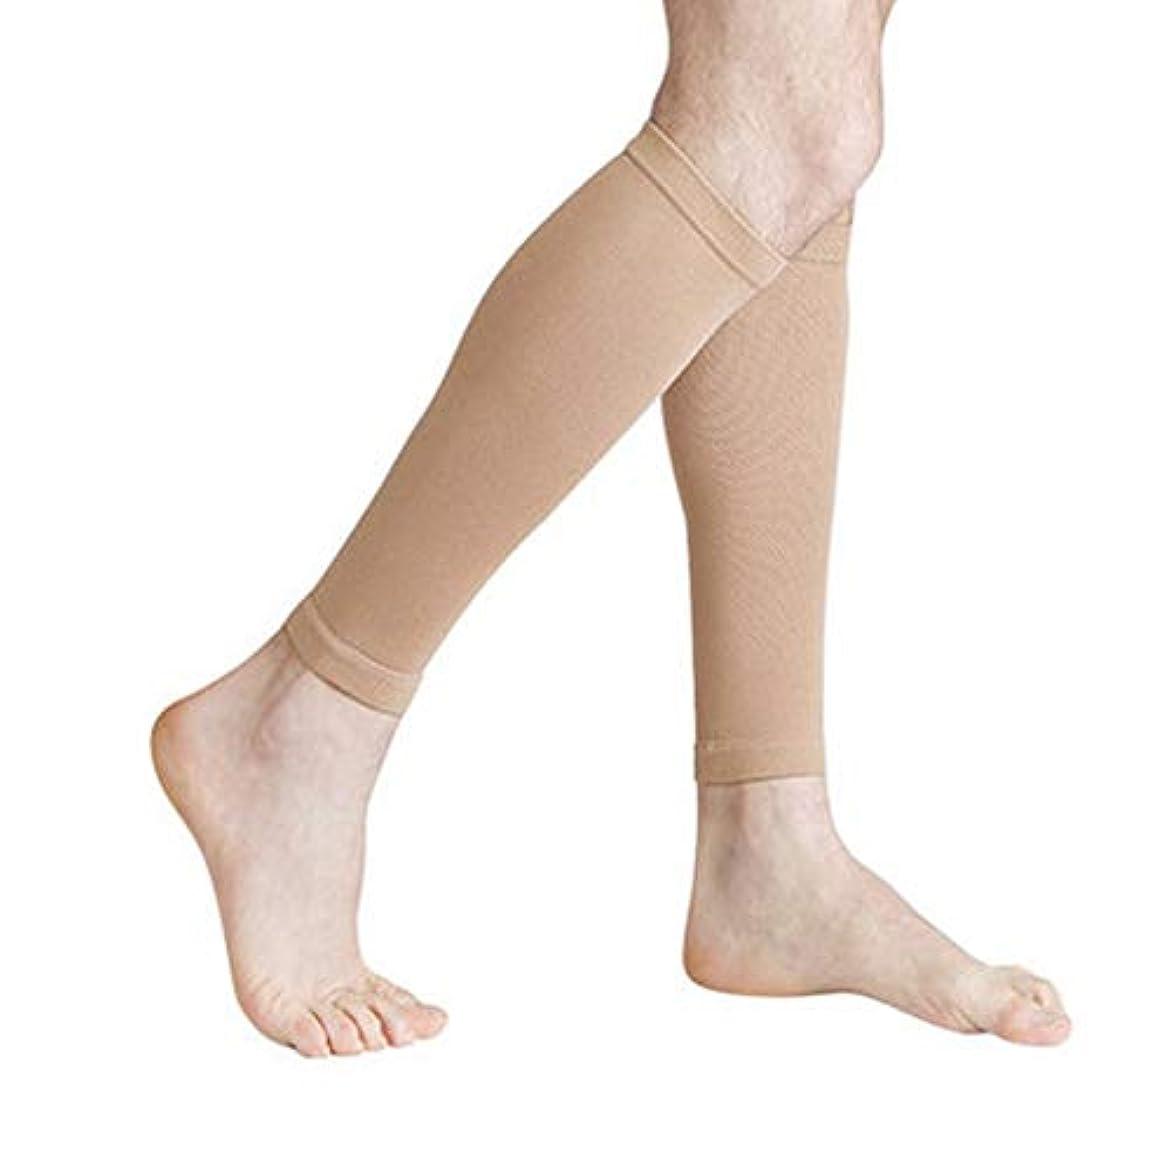 スナップ神秘的なふりをする丈夫な男性女性プロの圧縮靴下通気性のある旅行活動看護師用シントスプリントフライトトラベル - 肌色